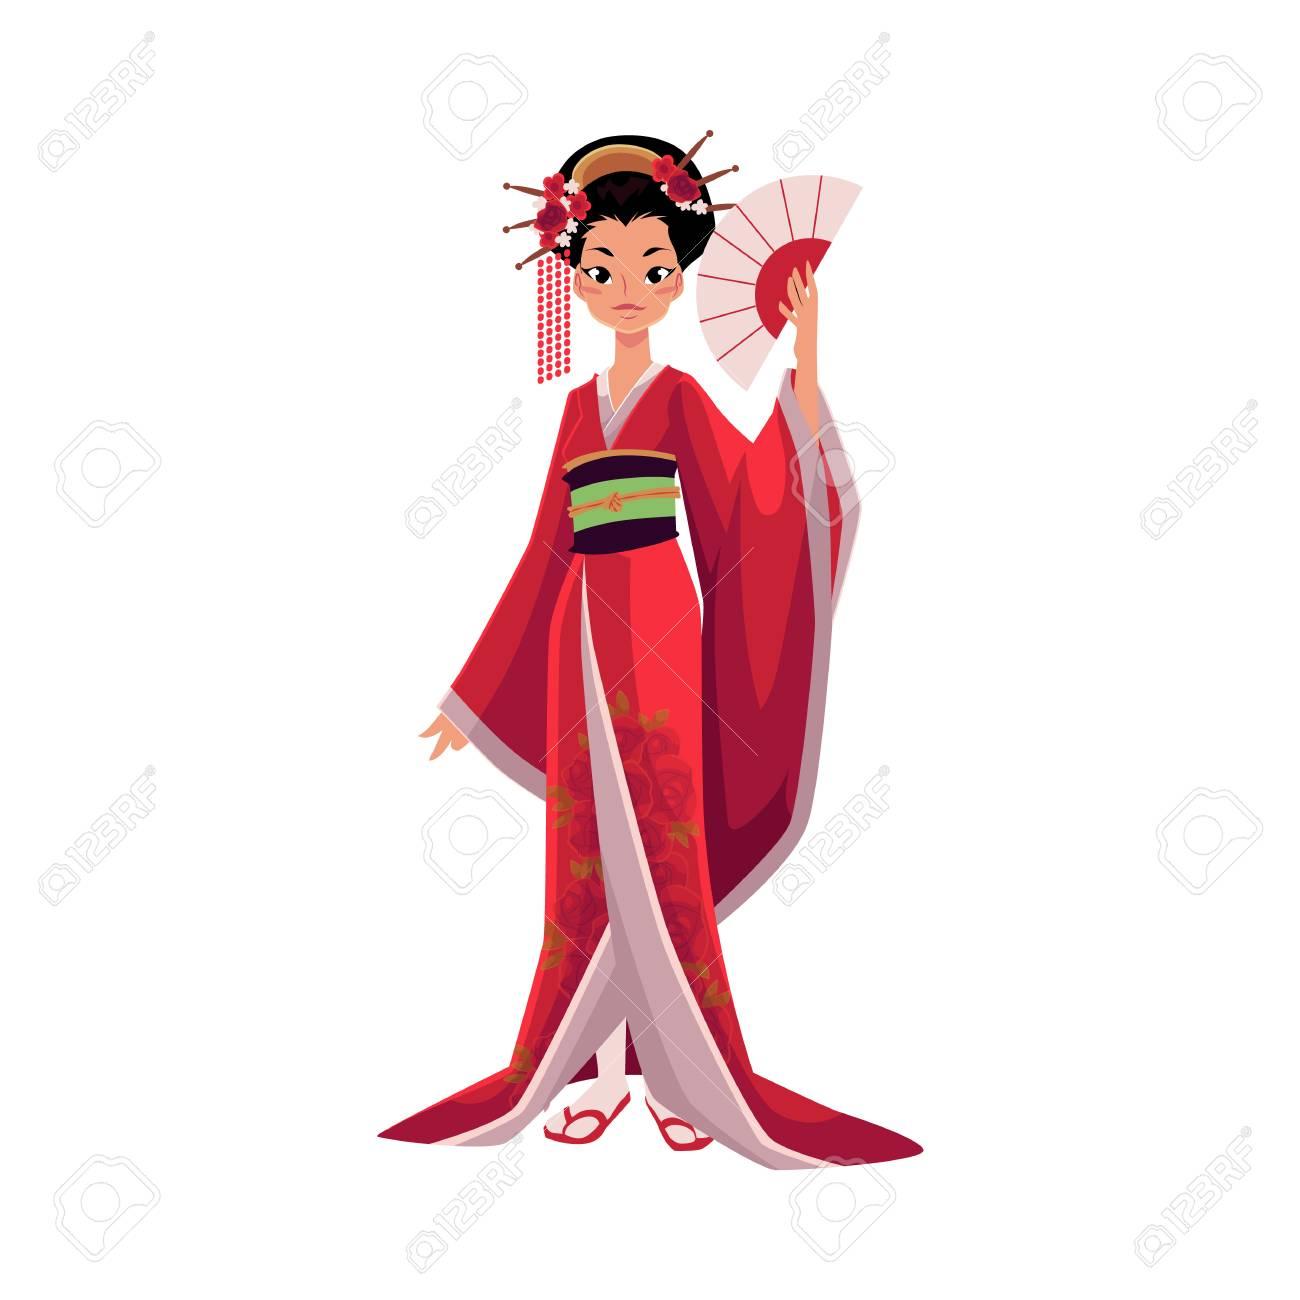 08c271b20 Geisha japonesa en kimono con ventilador, símbolo de Japón, ilustración  vectorial de dibujos animados aislado sobre fondo blanco. Retrato de cuerpo  ...